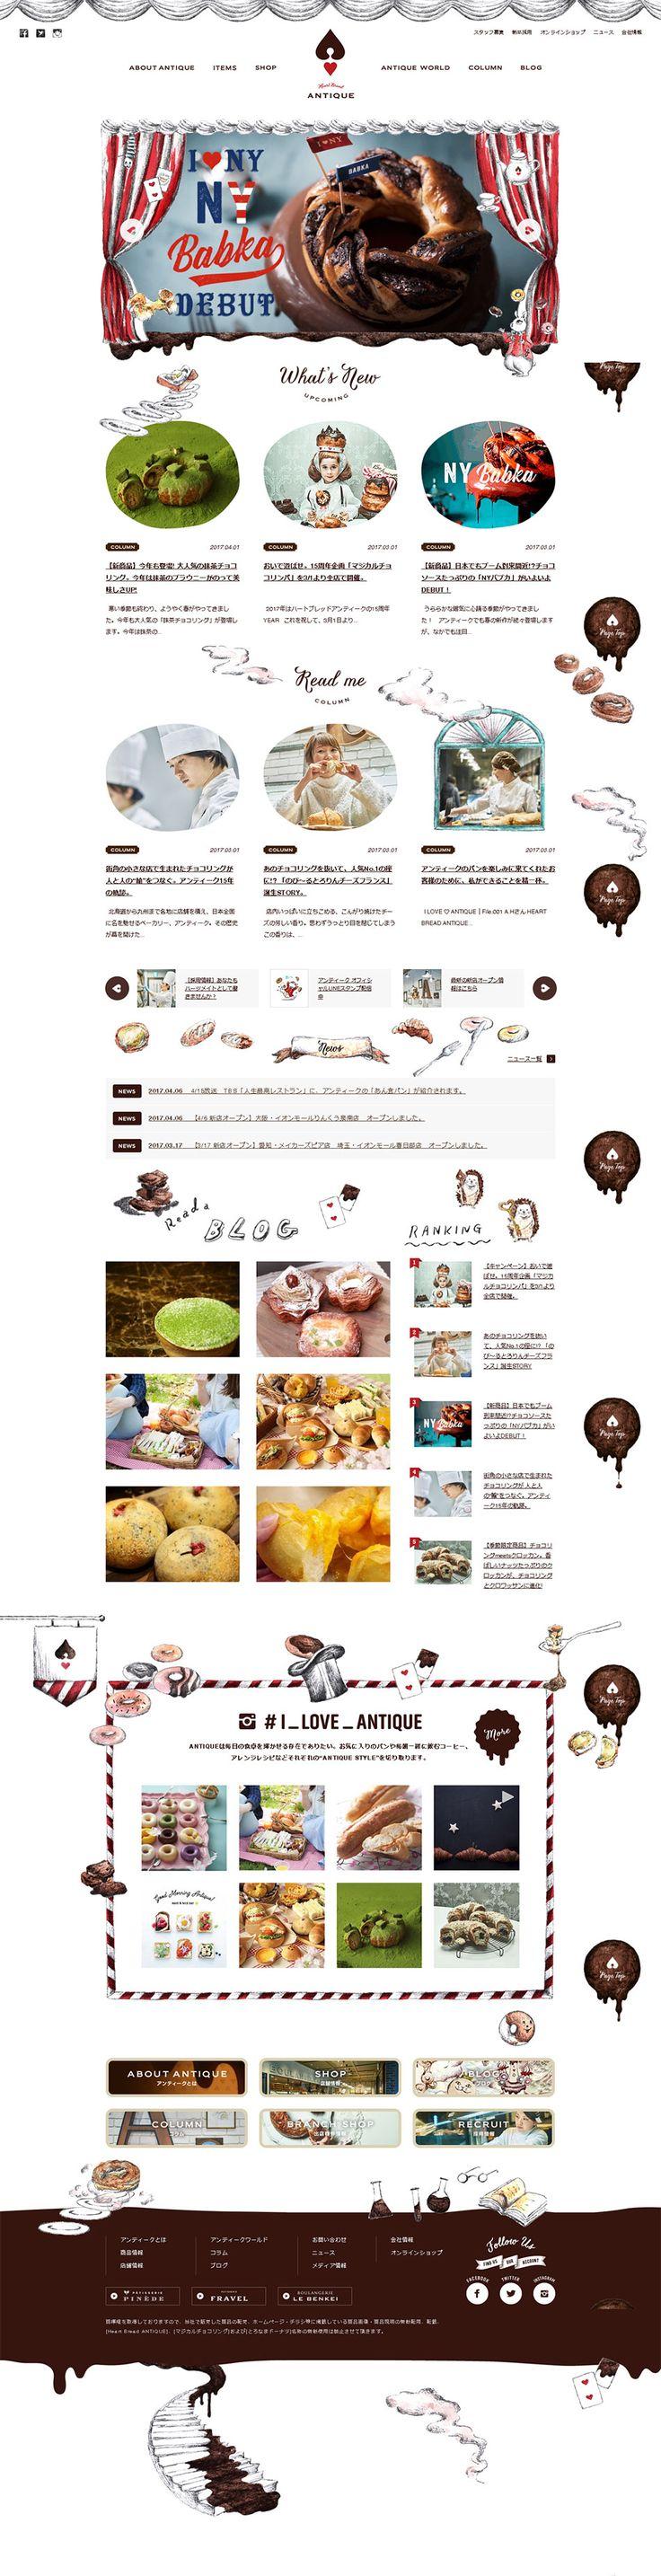 ハートブレッドアンティーク【食品関連】のLPデザイン。WEBデザイナーさん必見!ランディングページのデザイン参考に(かわいい系)